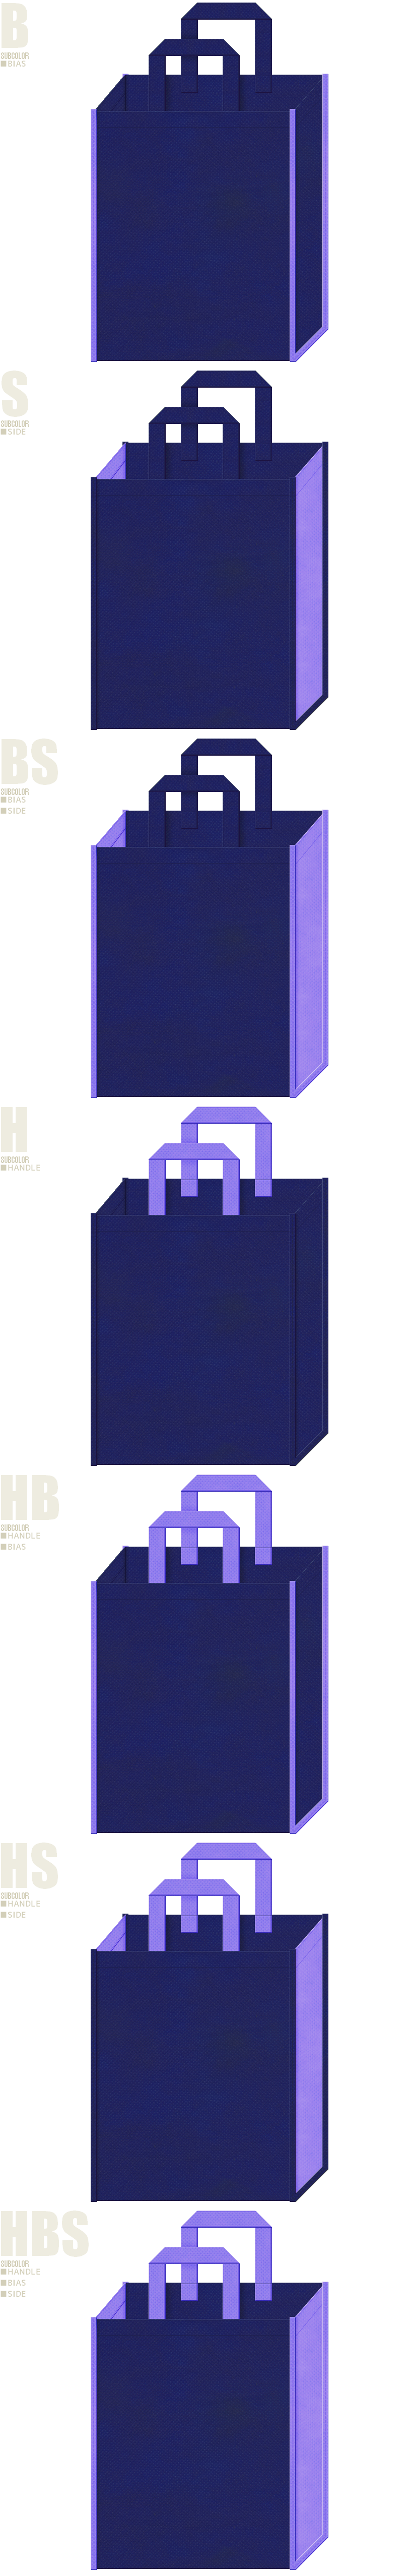 夏浴衣のイメージにお奨めの不織布バッグデザイン:明るい紺色と薄紫色の不織布バッグ配色7パターン